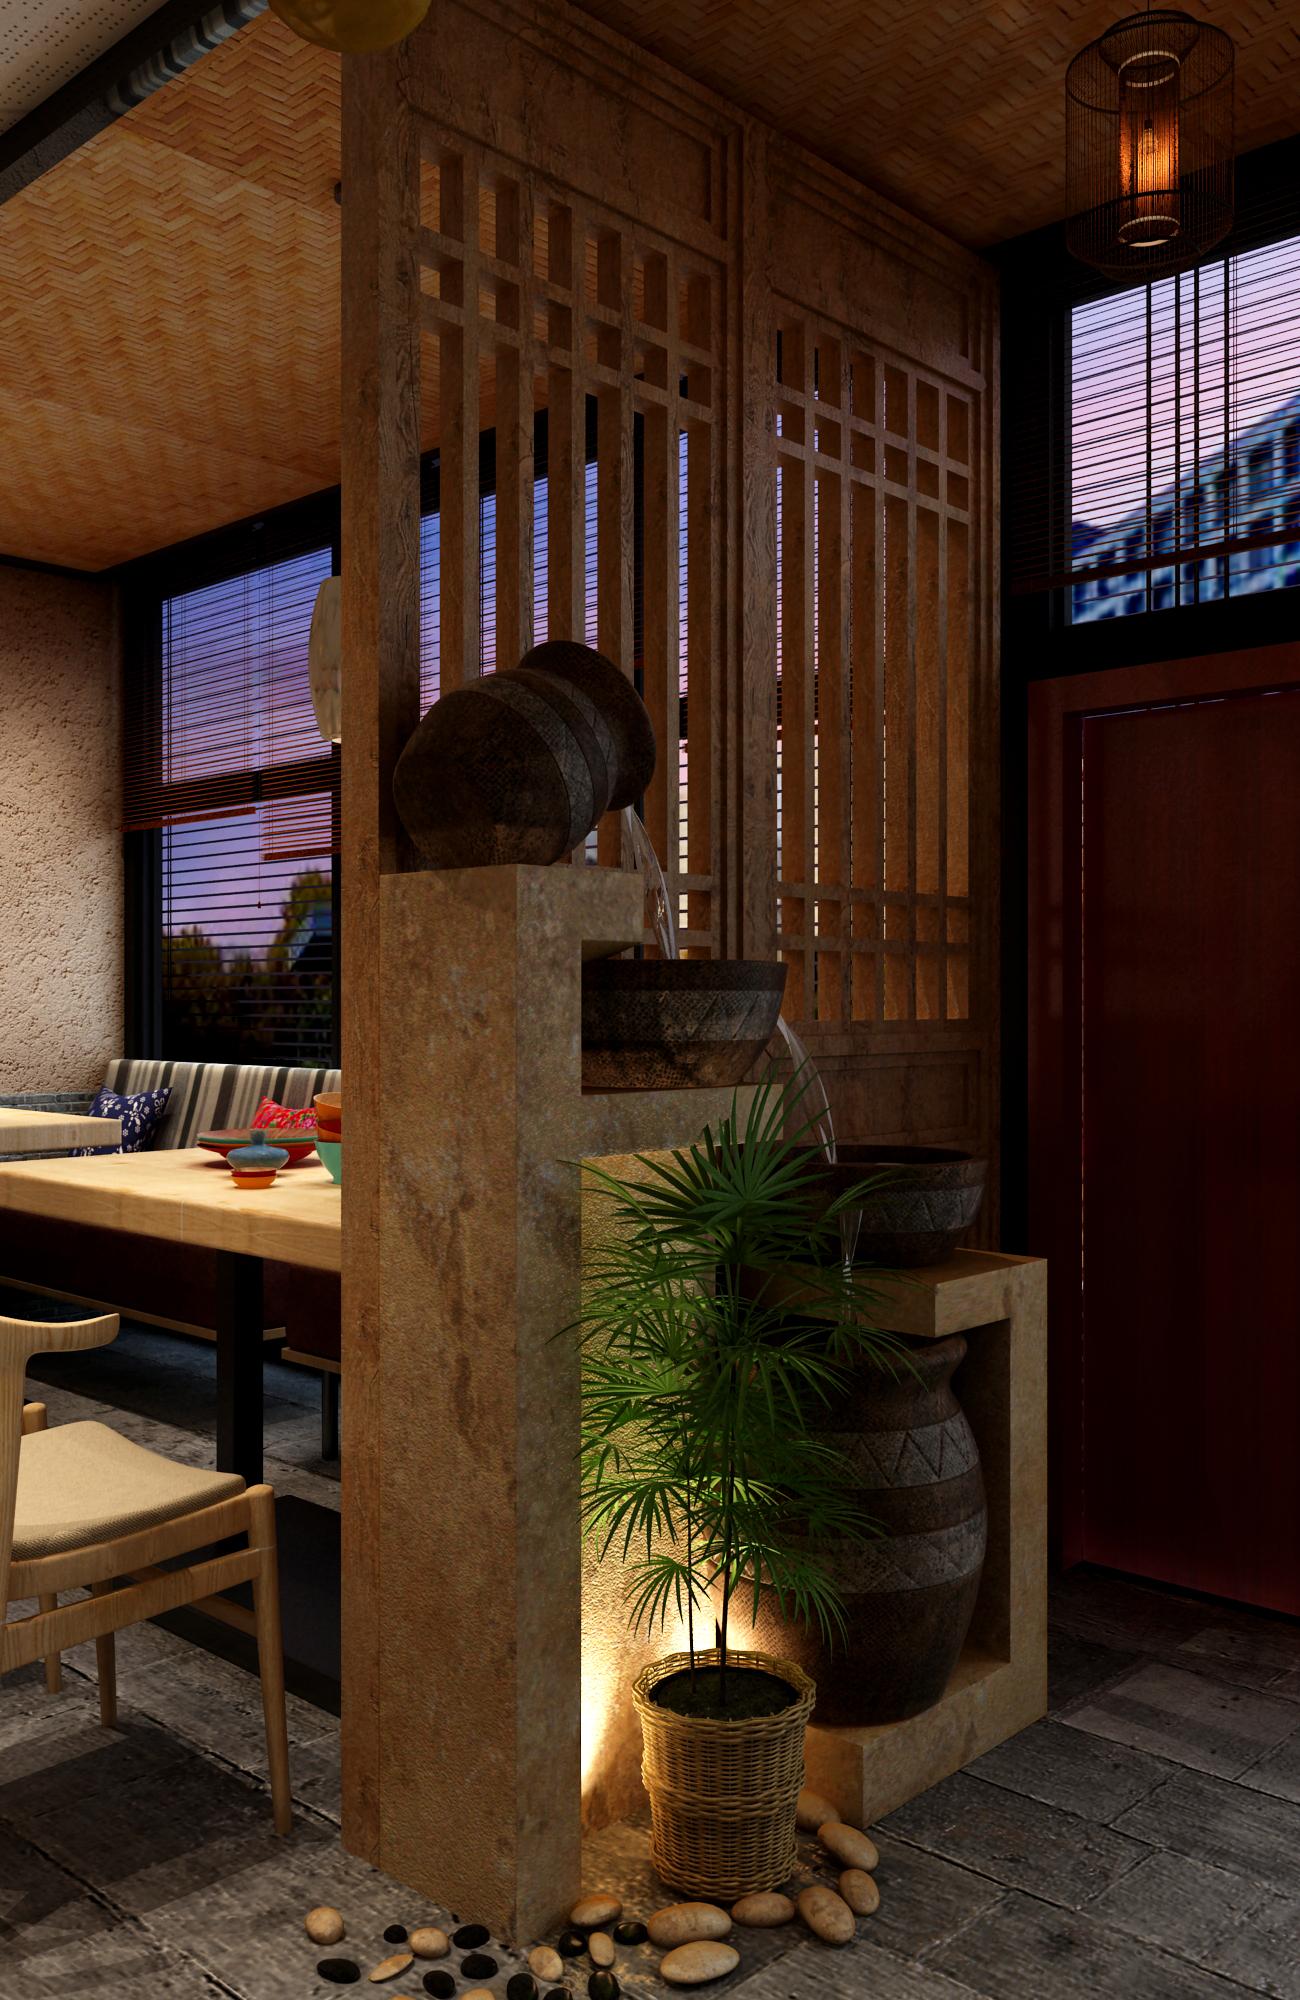 中式小酒馆装修屏风布景